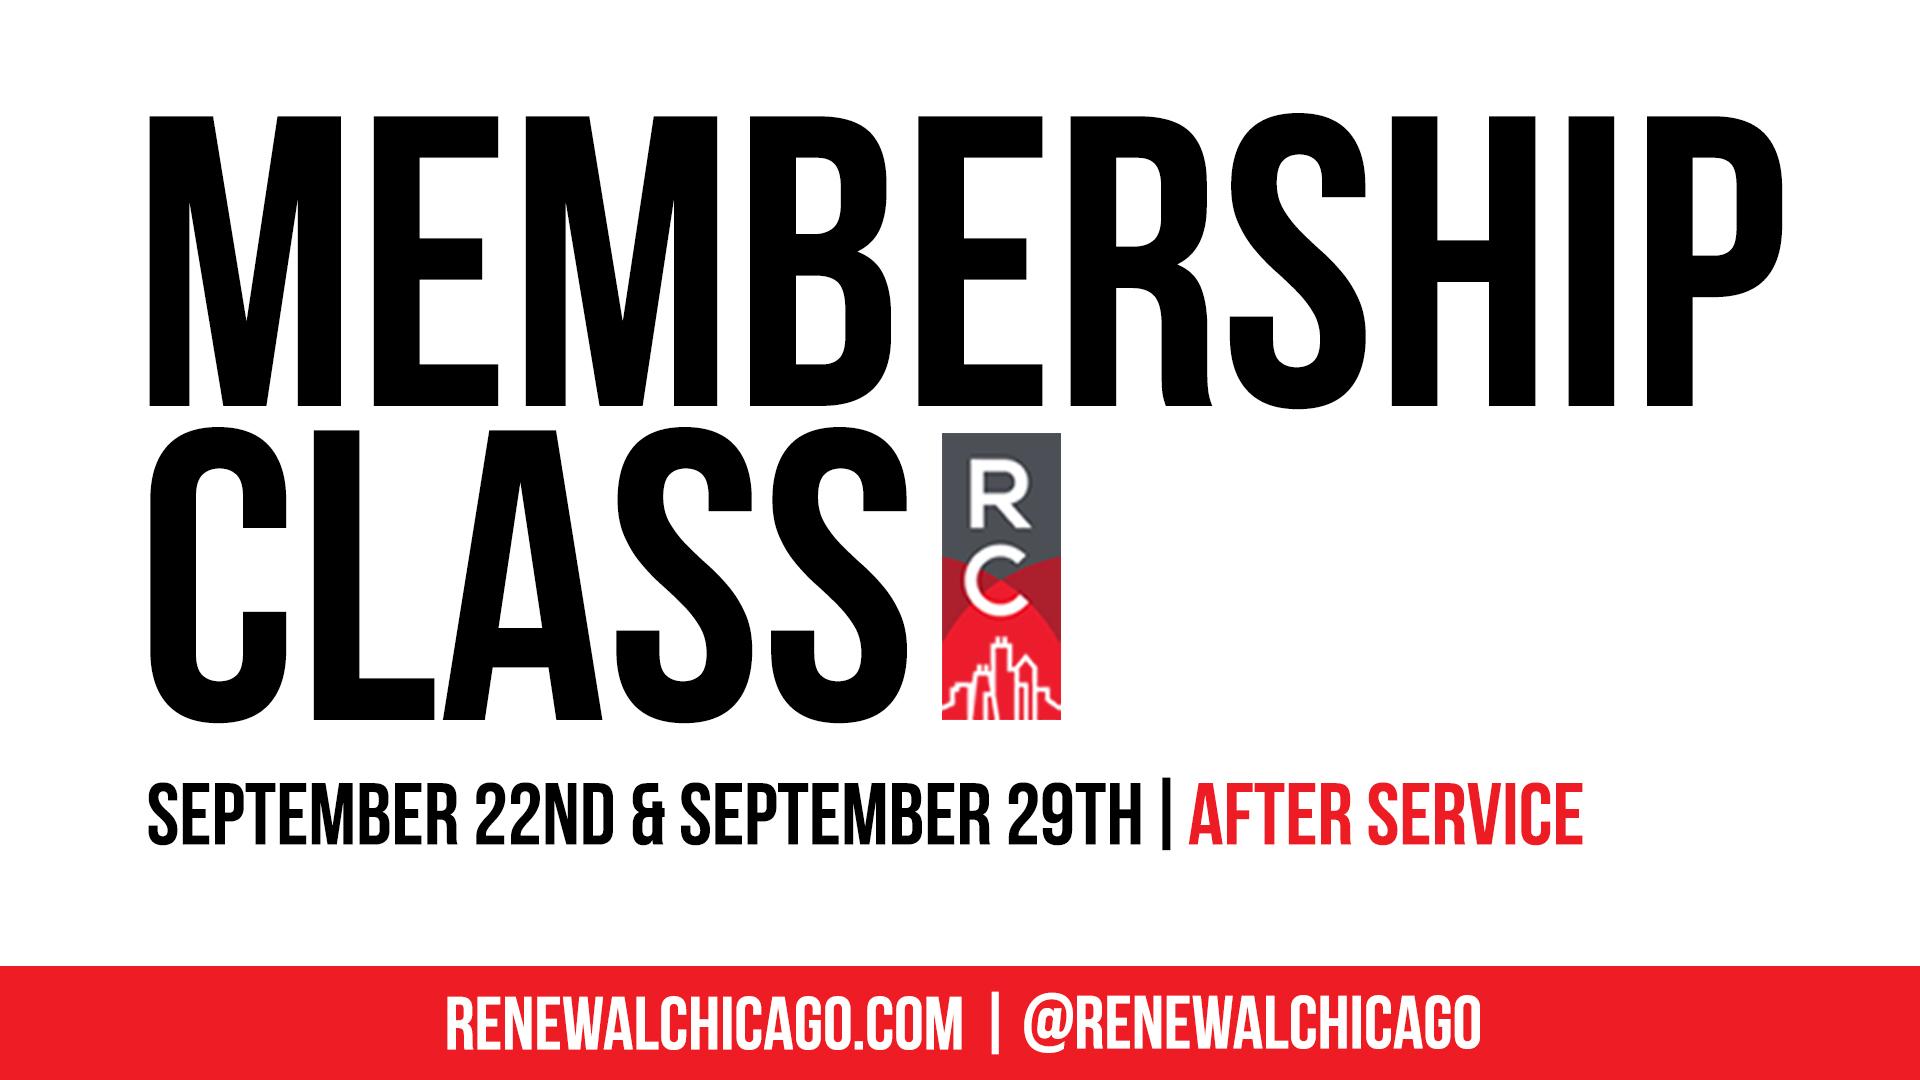 rcc Members Class setp 2019.jpg